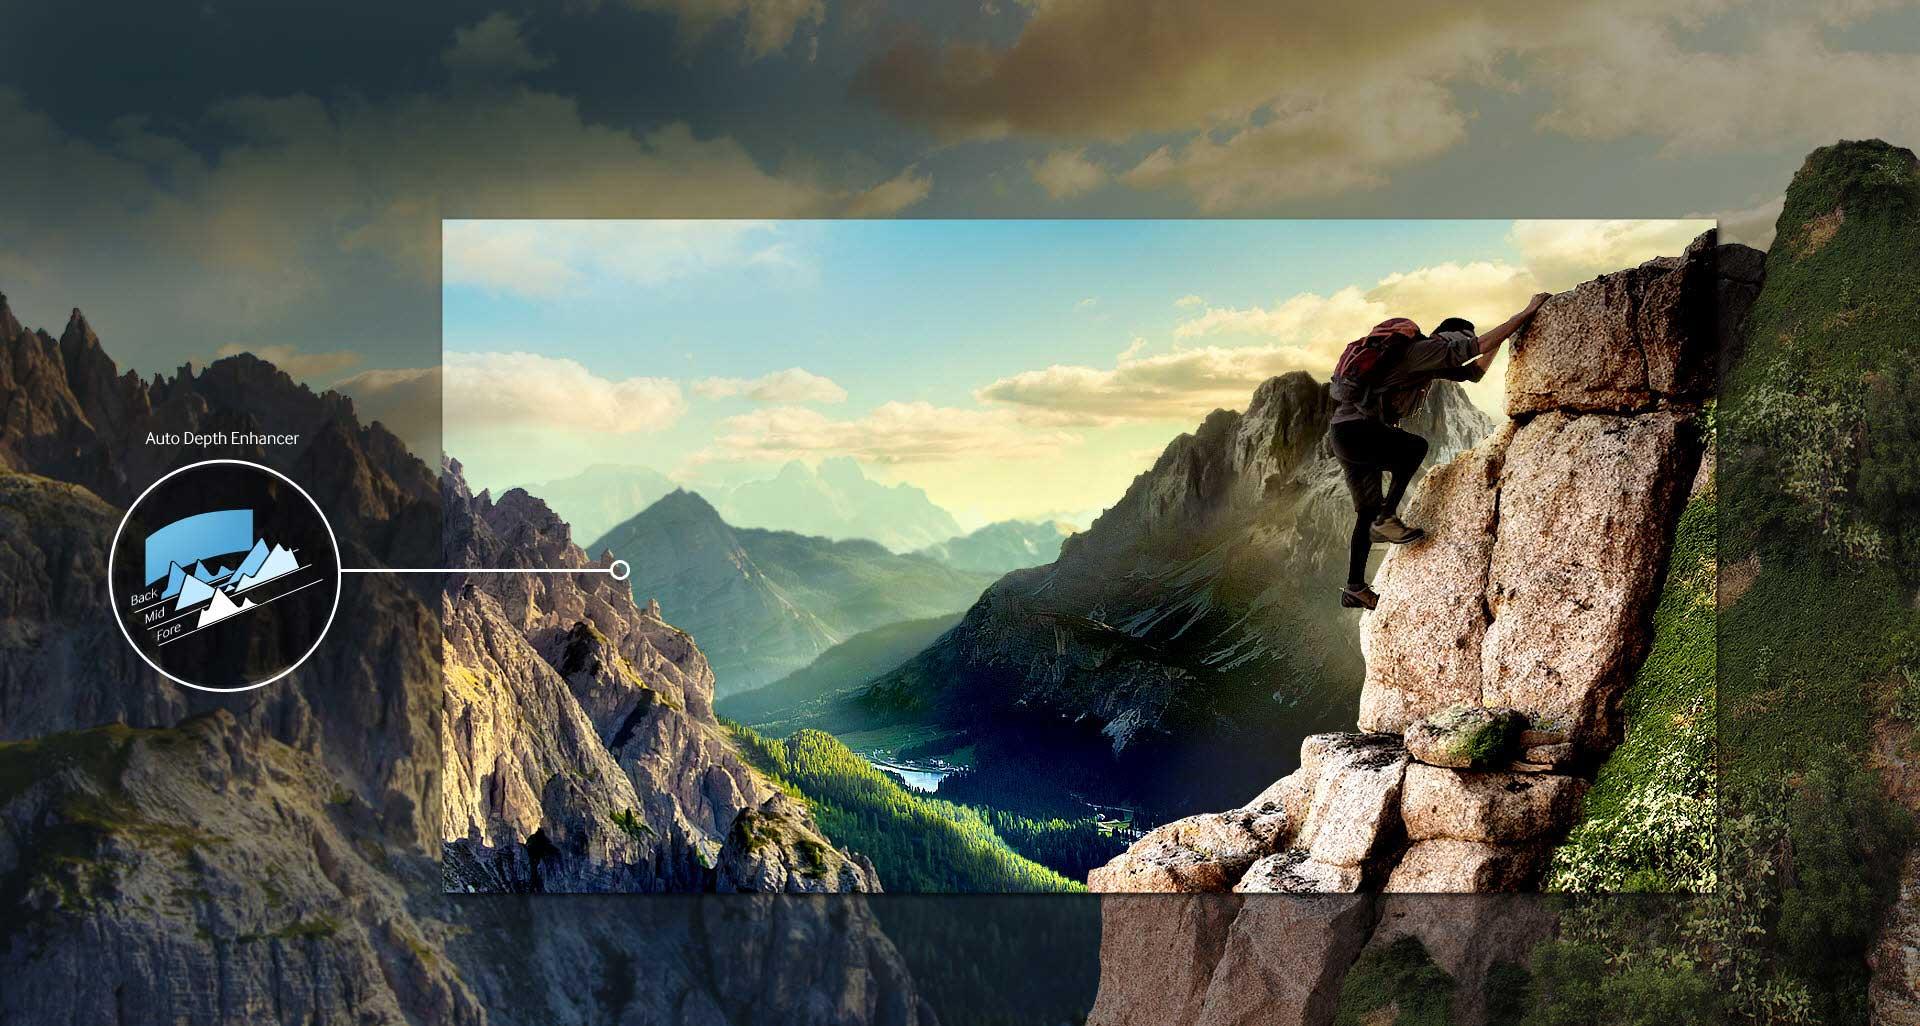 تلویزیون ال ای دی منحنی سامسونگ 55 اینچ سری 8 اسمارت 55JUC8920